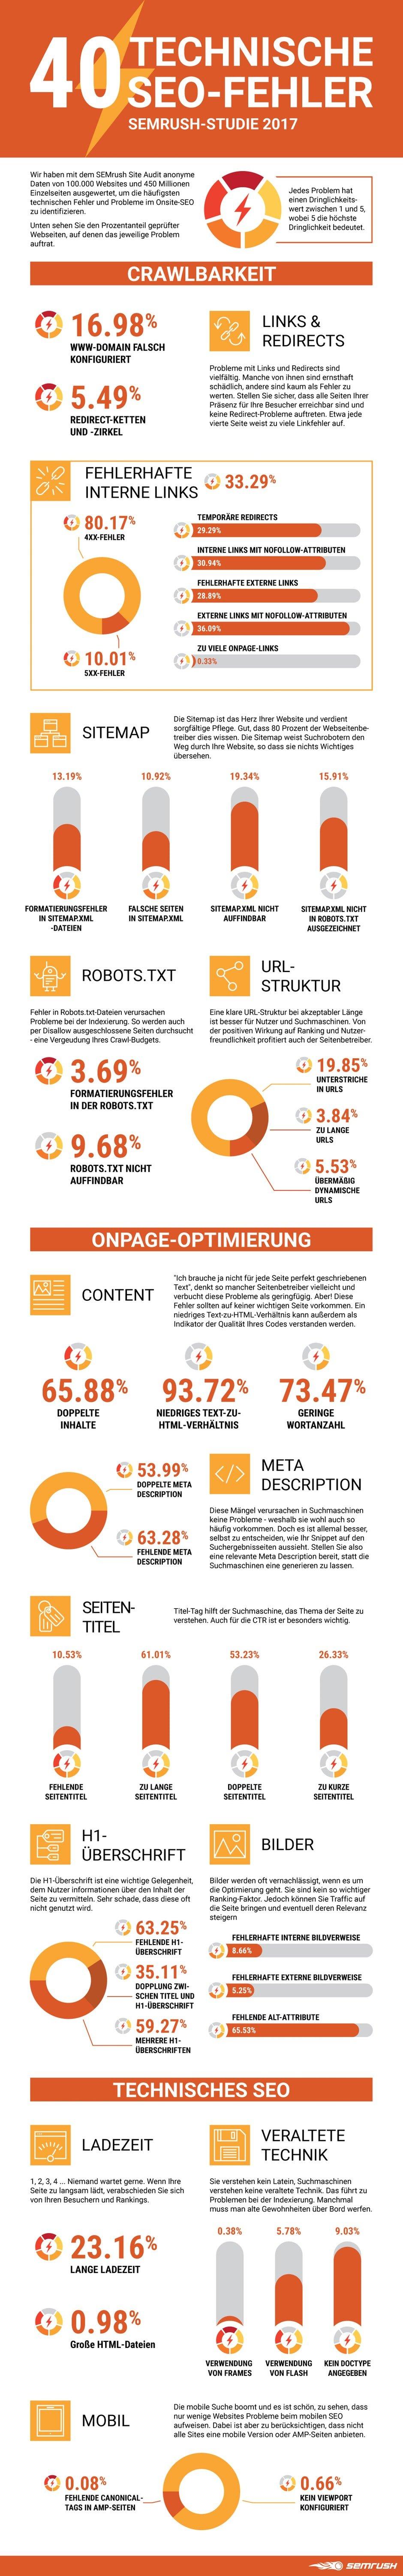 Die Infografik: Onsite SEO mit 40 technischen Fehlern